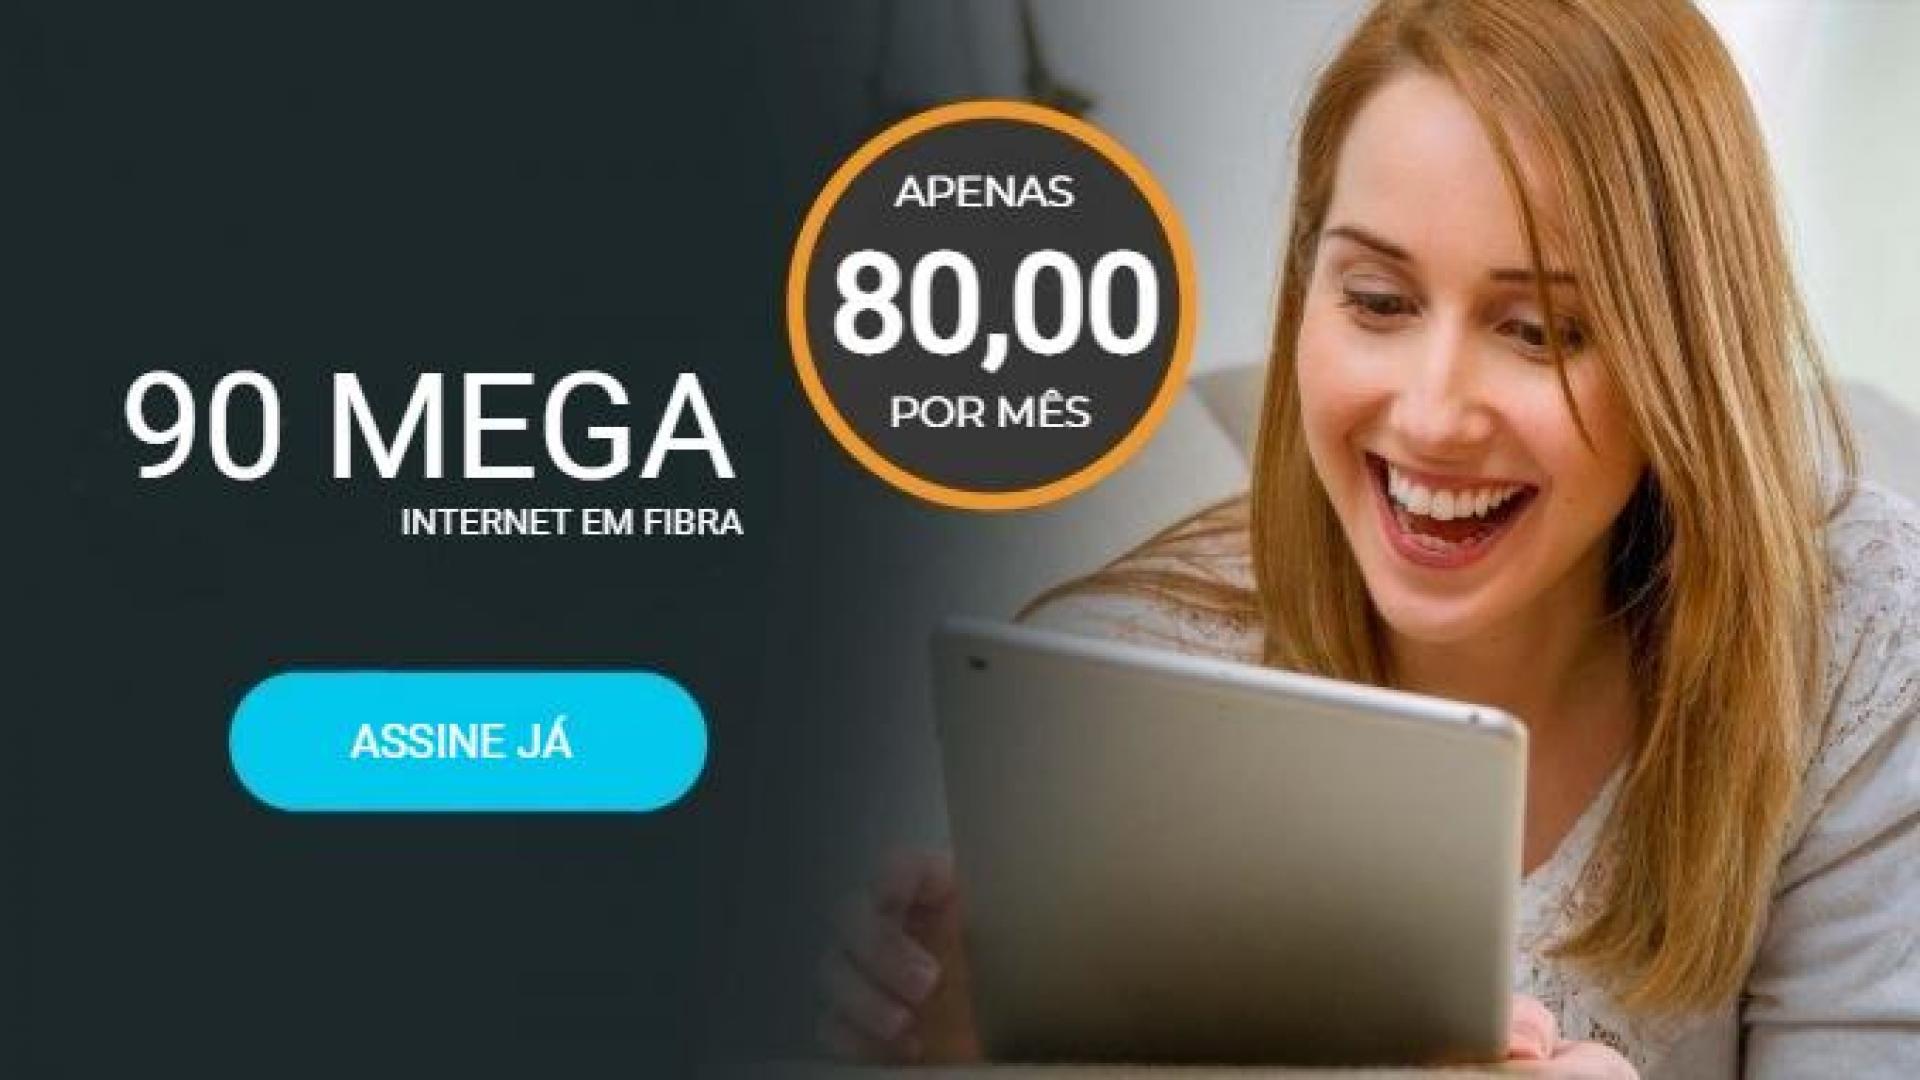 Mundialnet, internet de alta velocidade